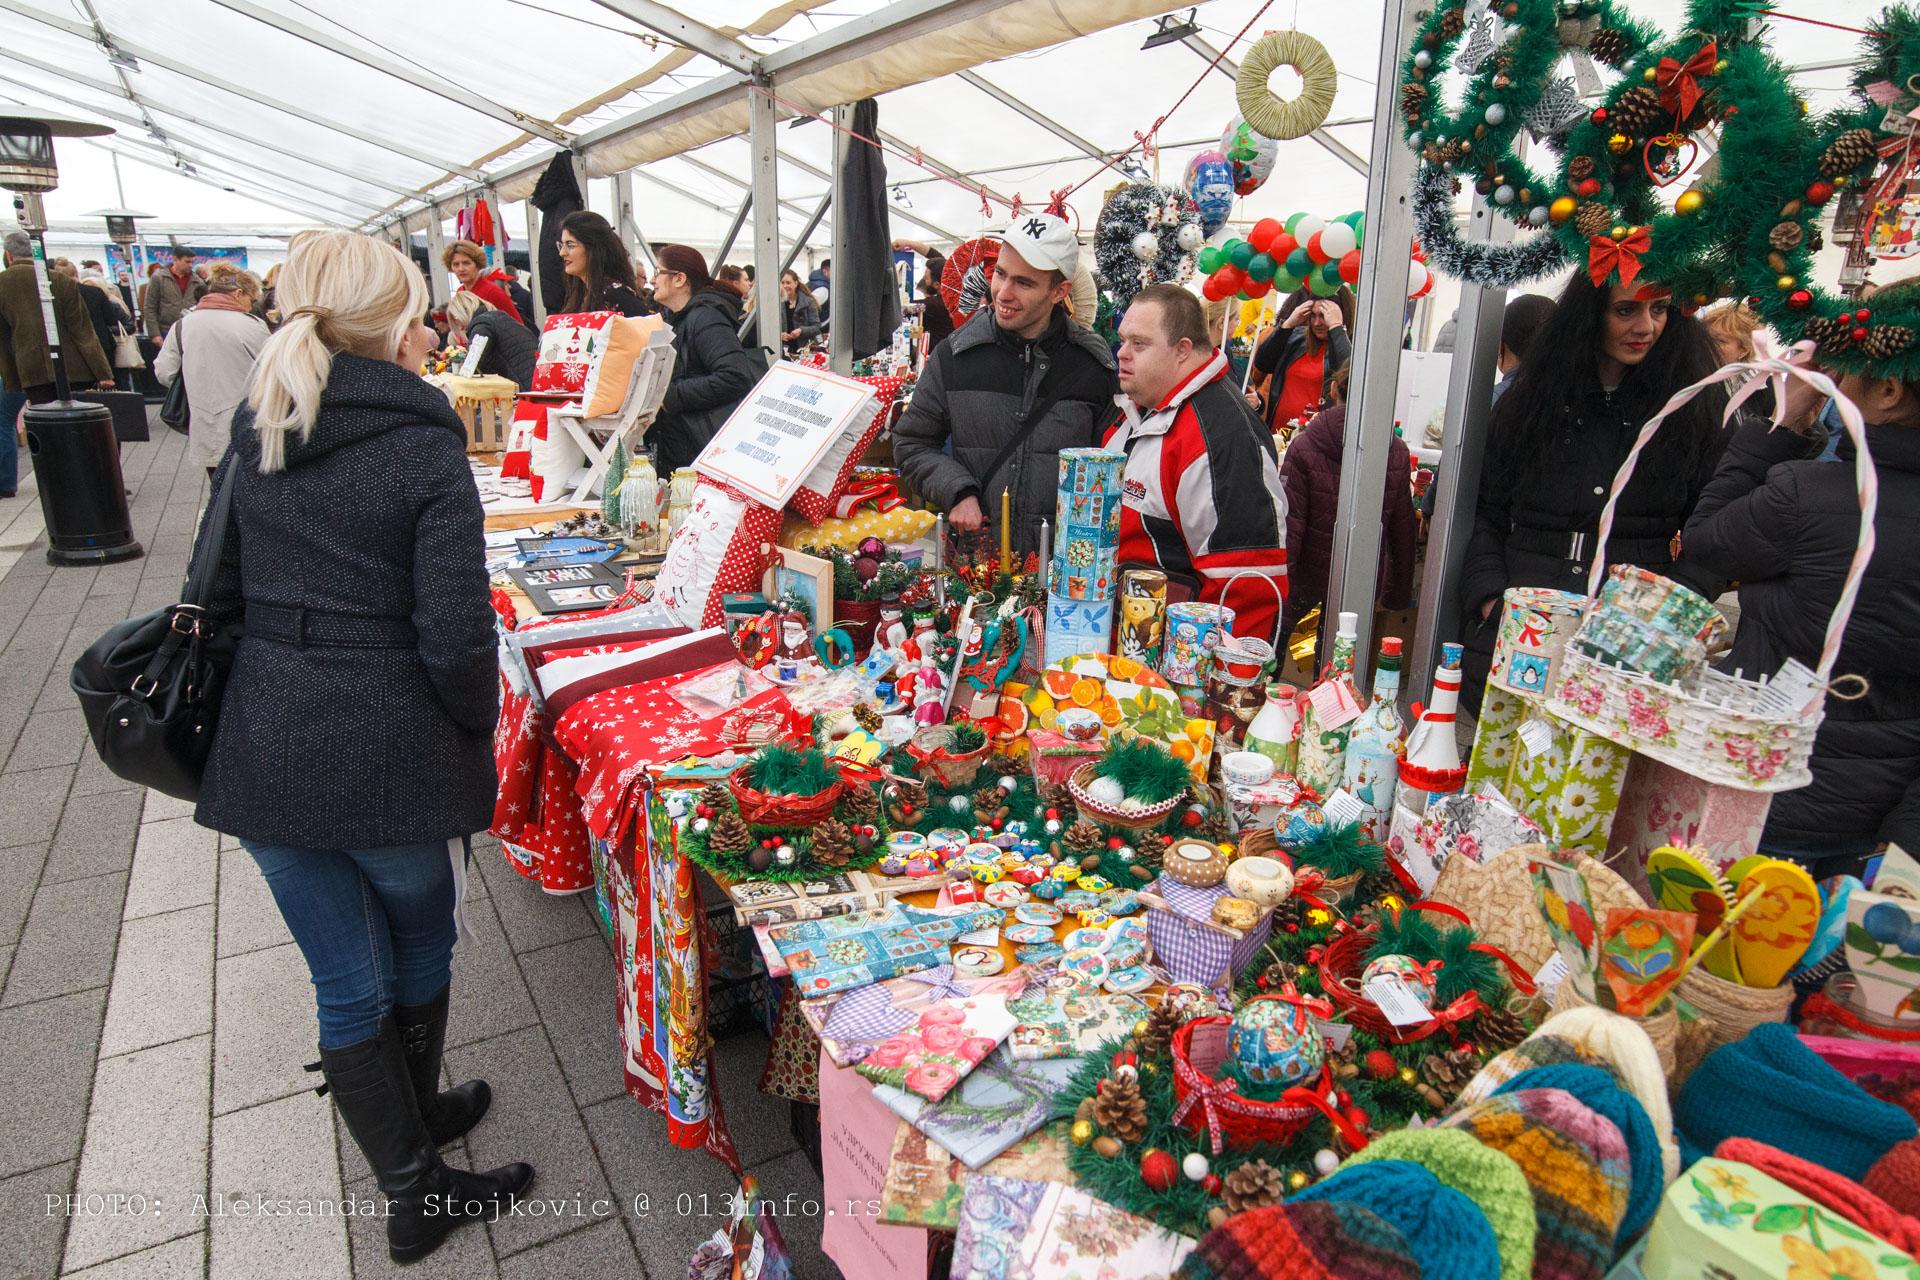 Novogodisnji bazar 2019 Pančevo